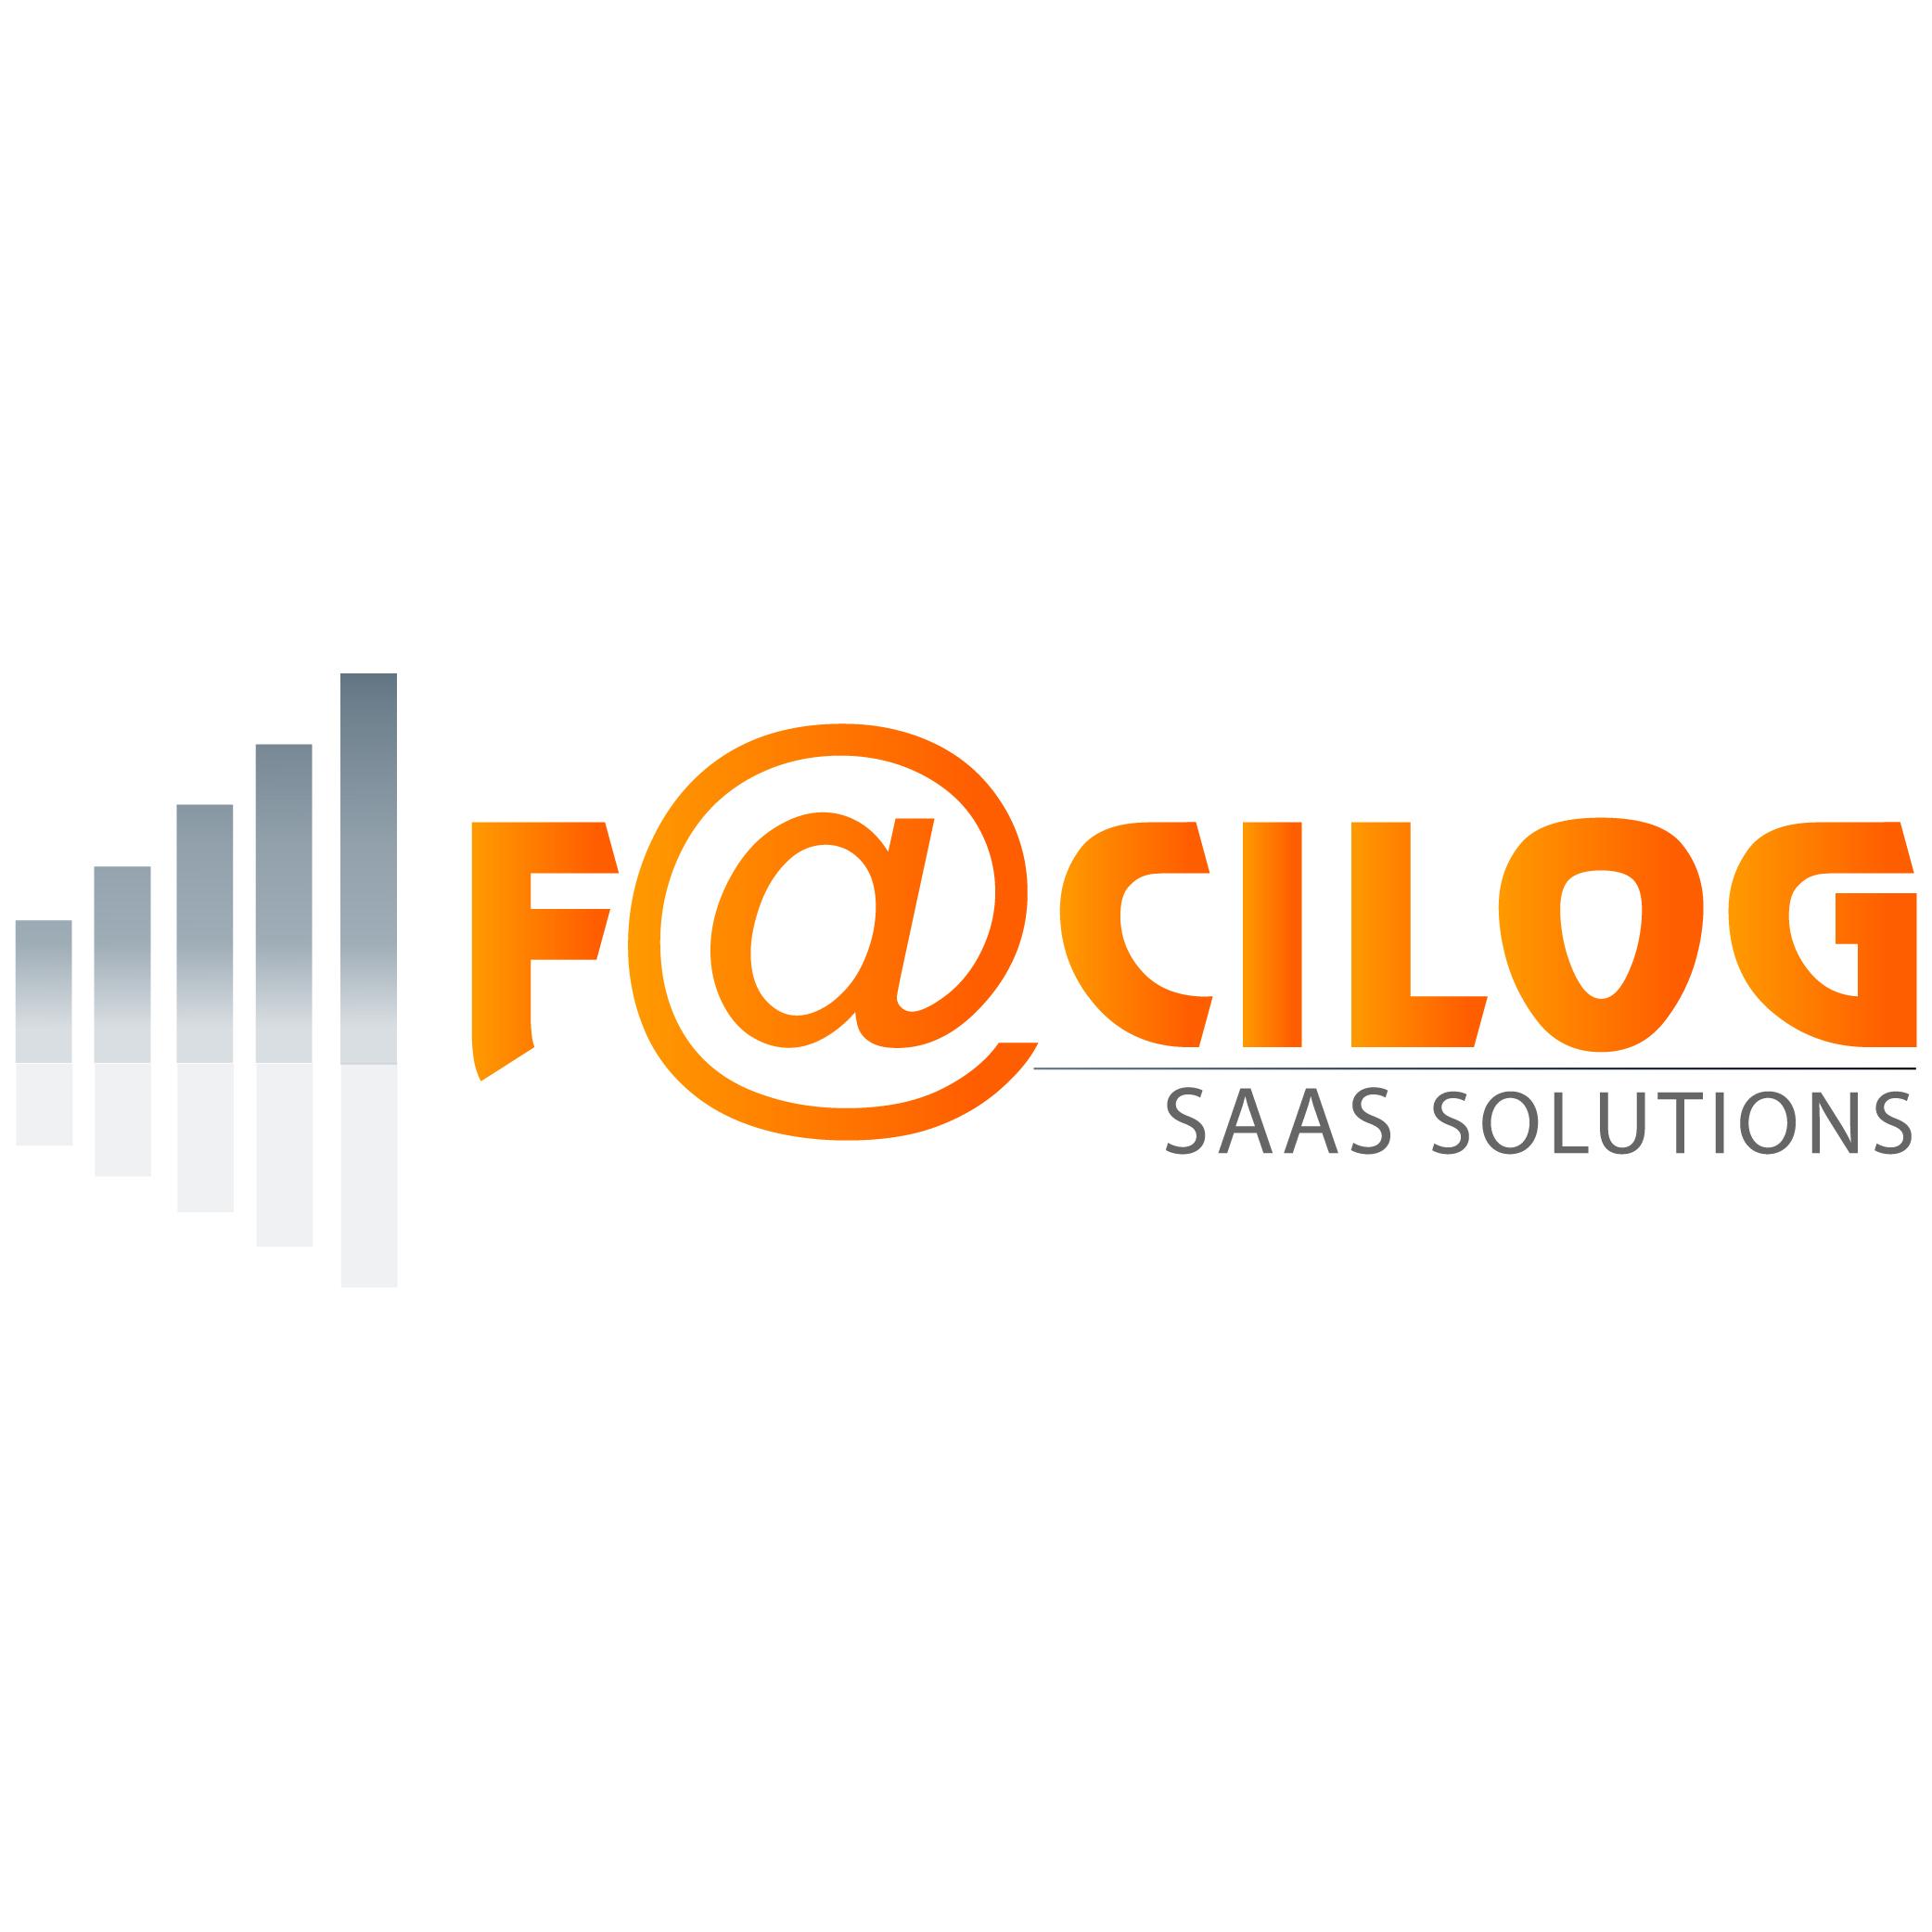 Logo Facilog